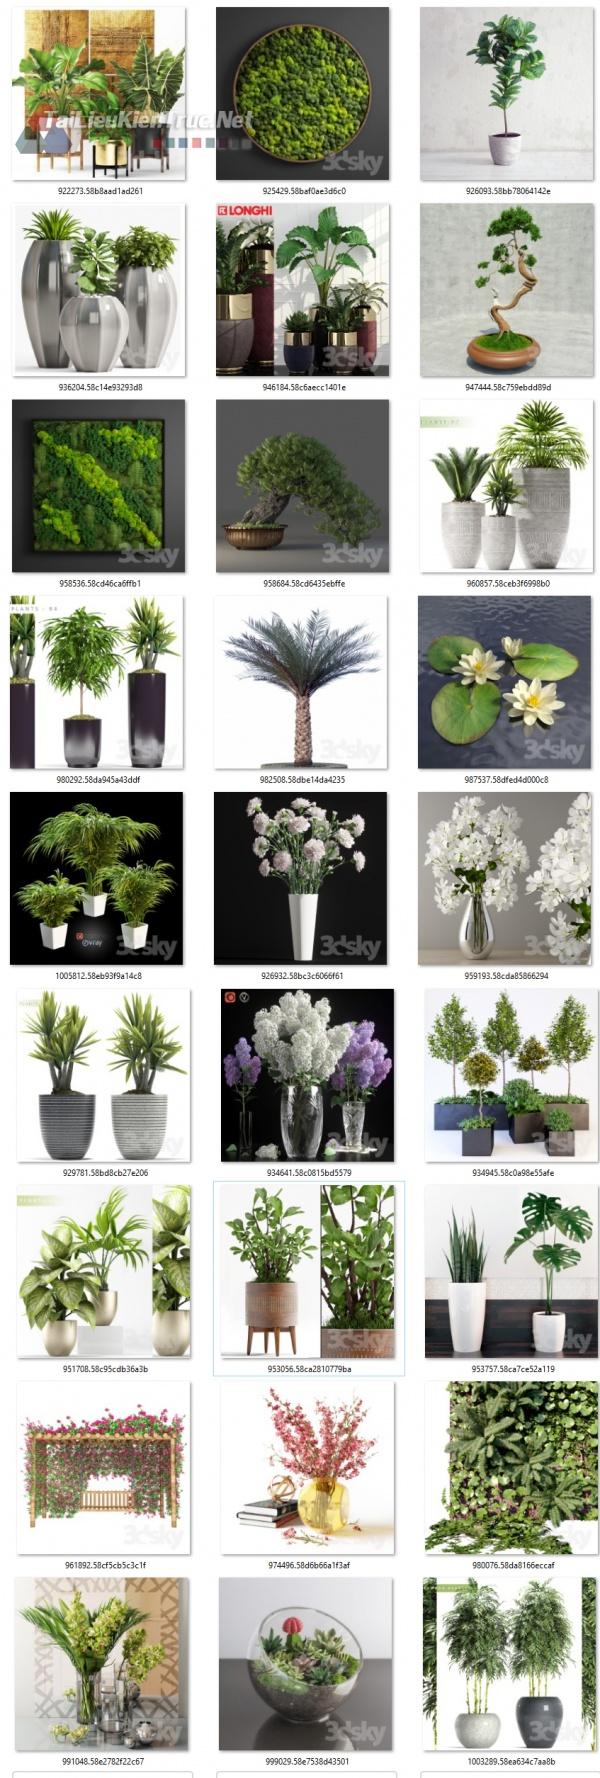 Thư viện 3dsmax gồm 27 model cây rất đẹp và chất lượng với dung lượng 1.1GB